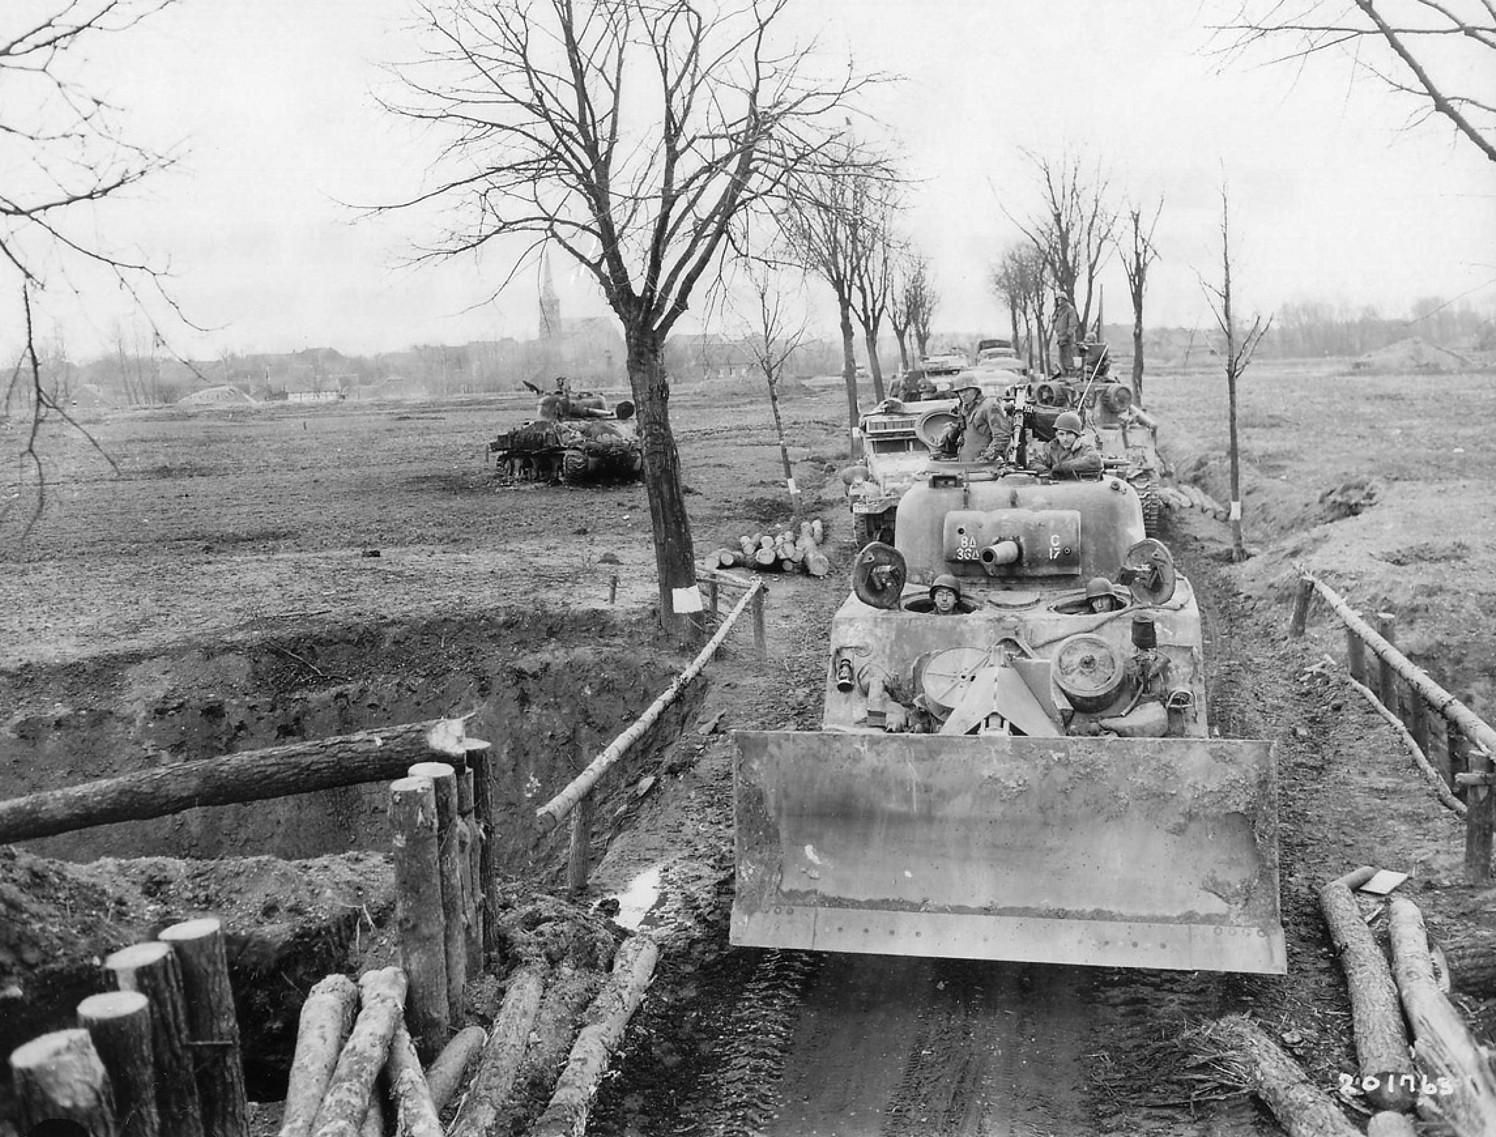 M4Sherman_M1dozerblade_1945